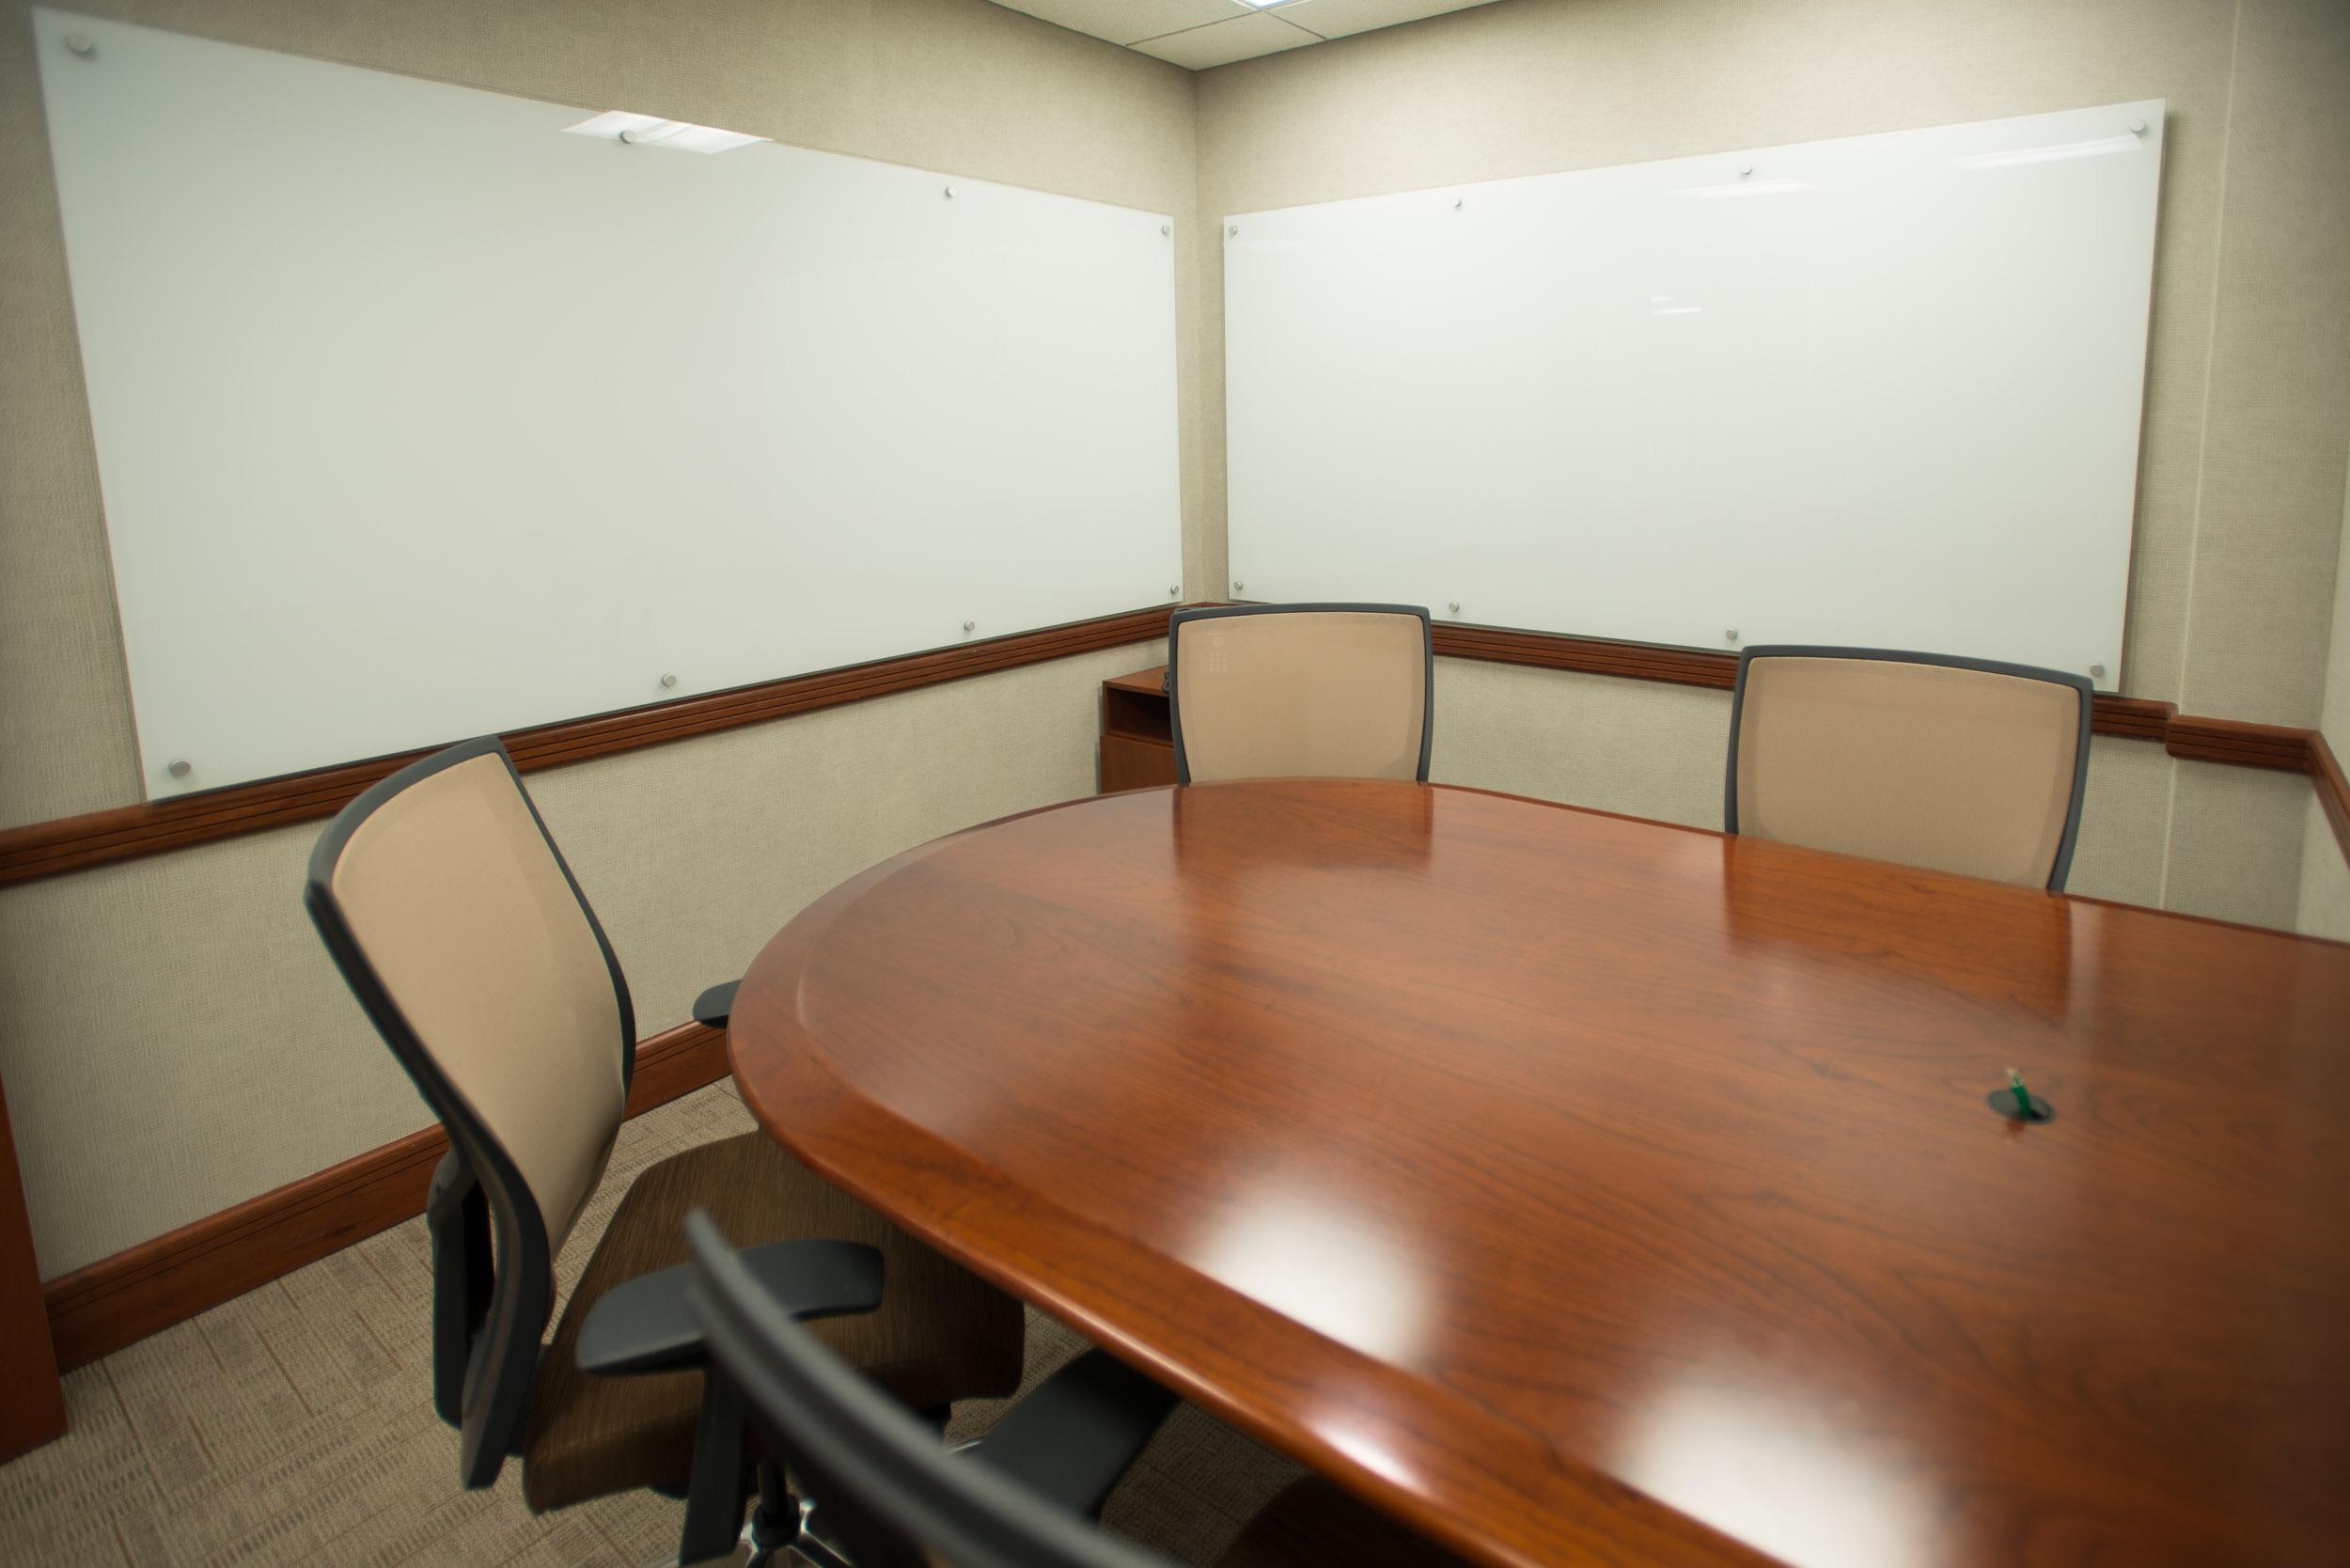 Brainstorming Room 9227.jpg